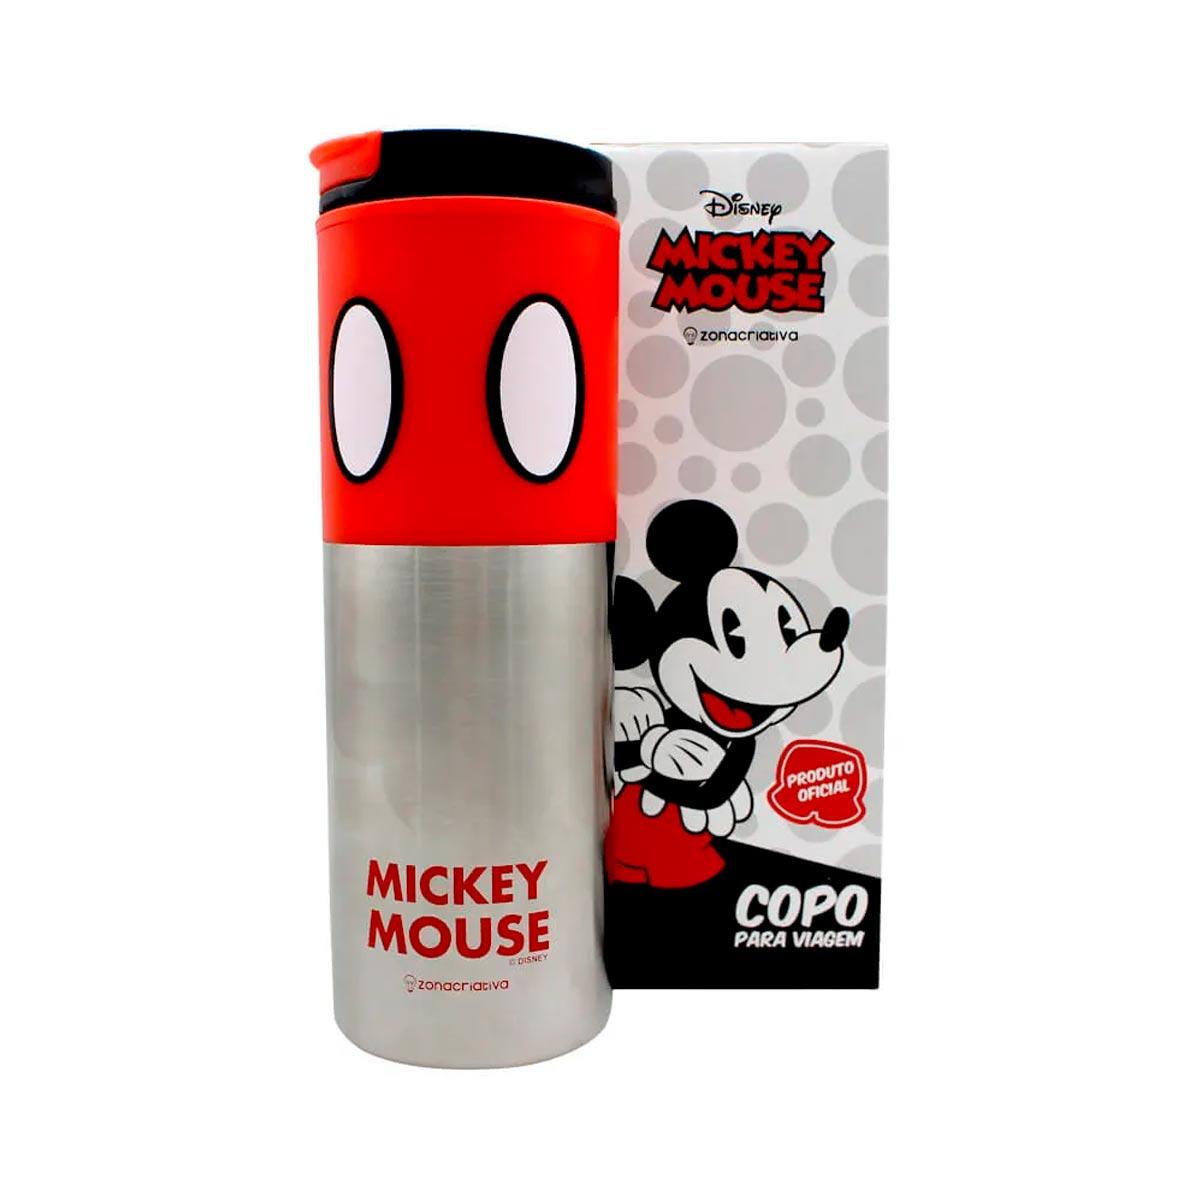 Copo Para Viagem Smart Mickey Mouse 500 ml - Presente Super